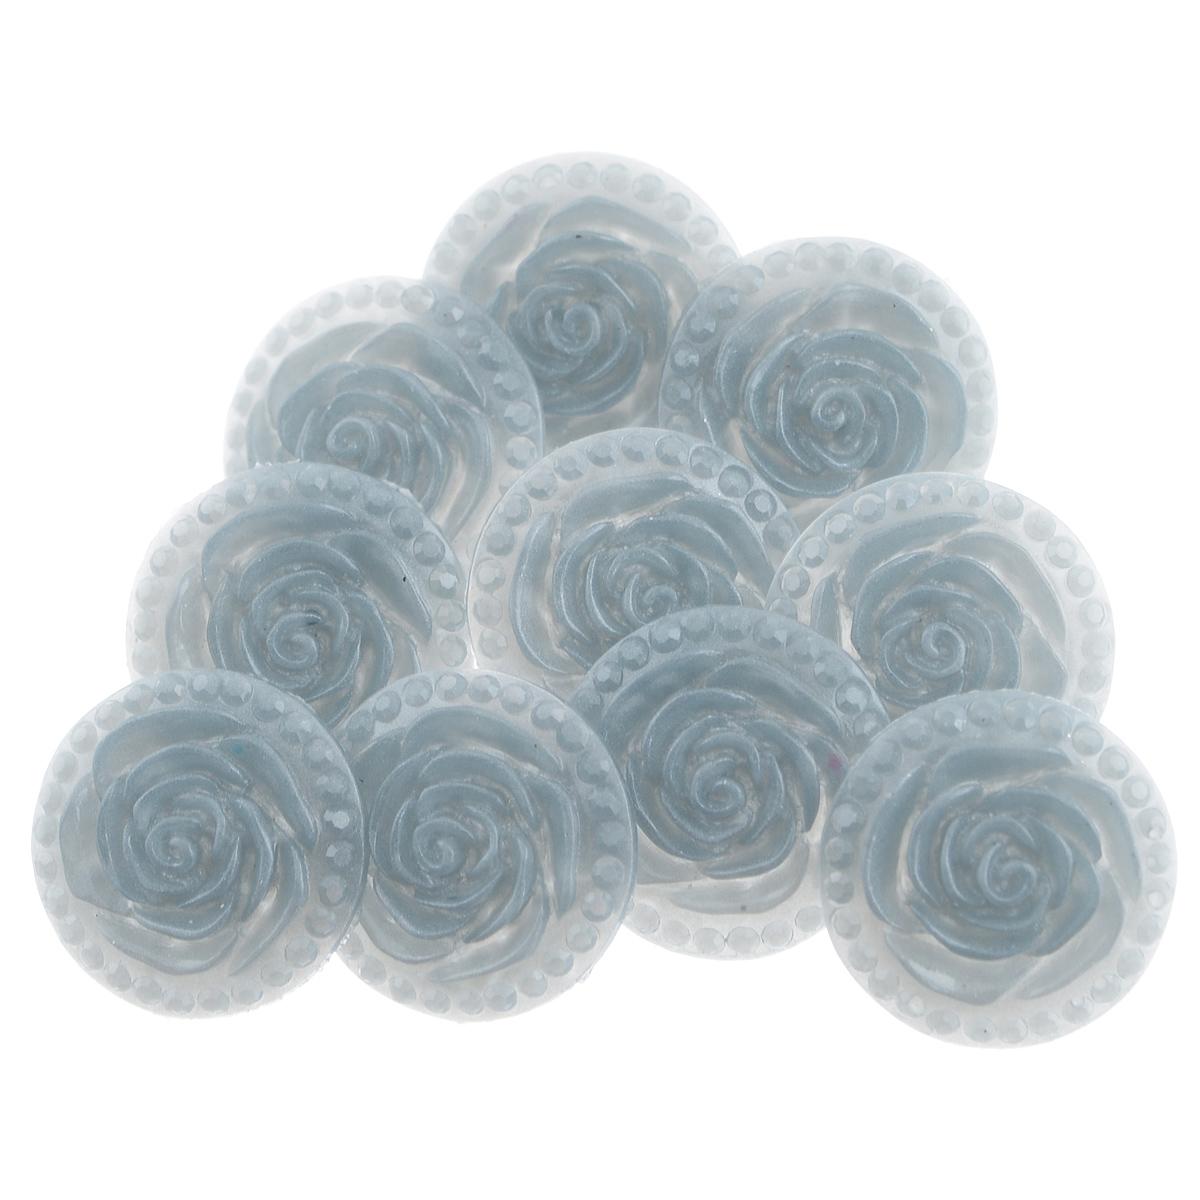 Пуговицы декоративные Астра Розочки, цвет: серый (24), диаметр 18 мм, 10 шт7708633_24Набор Астра Розочки, изготовленный из пластика, состоит из 10 круглых декоративных пуговиц в виде роз. С помощью них вы сможете украсить одежду, подарок, открытку, фотографию, альбом и другие предметы ручной работы. Такие пуговицы станут незаменимым элементом в создании рукотворного шедевра. Диаметр пуговицы: 18 мм.